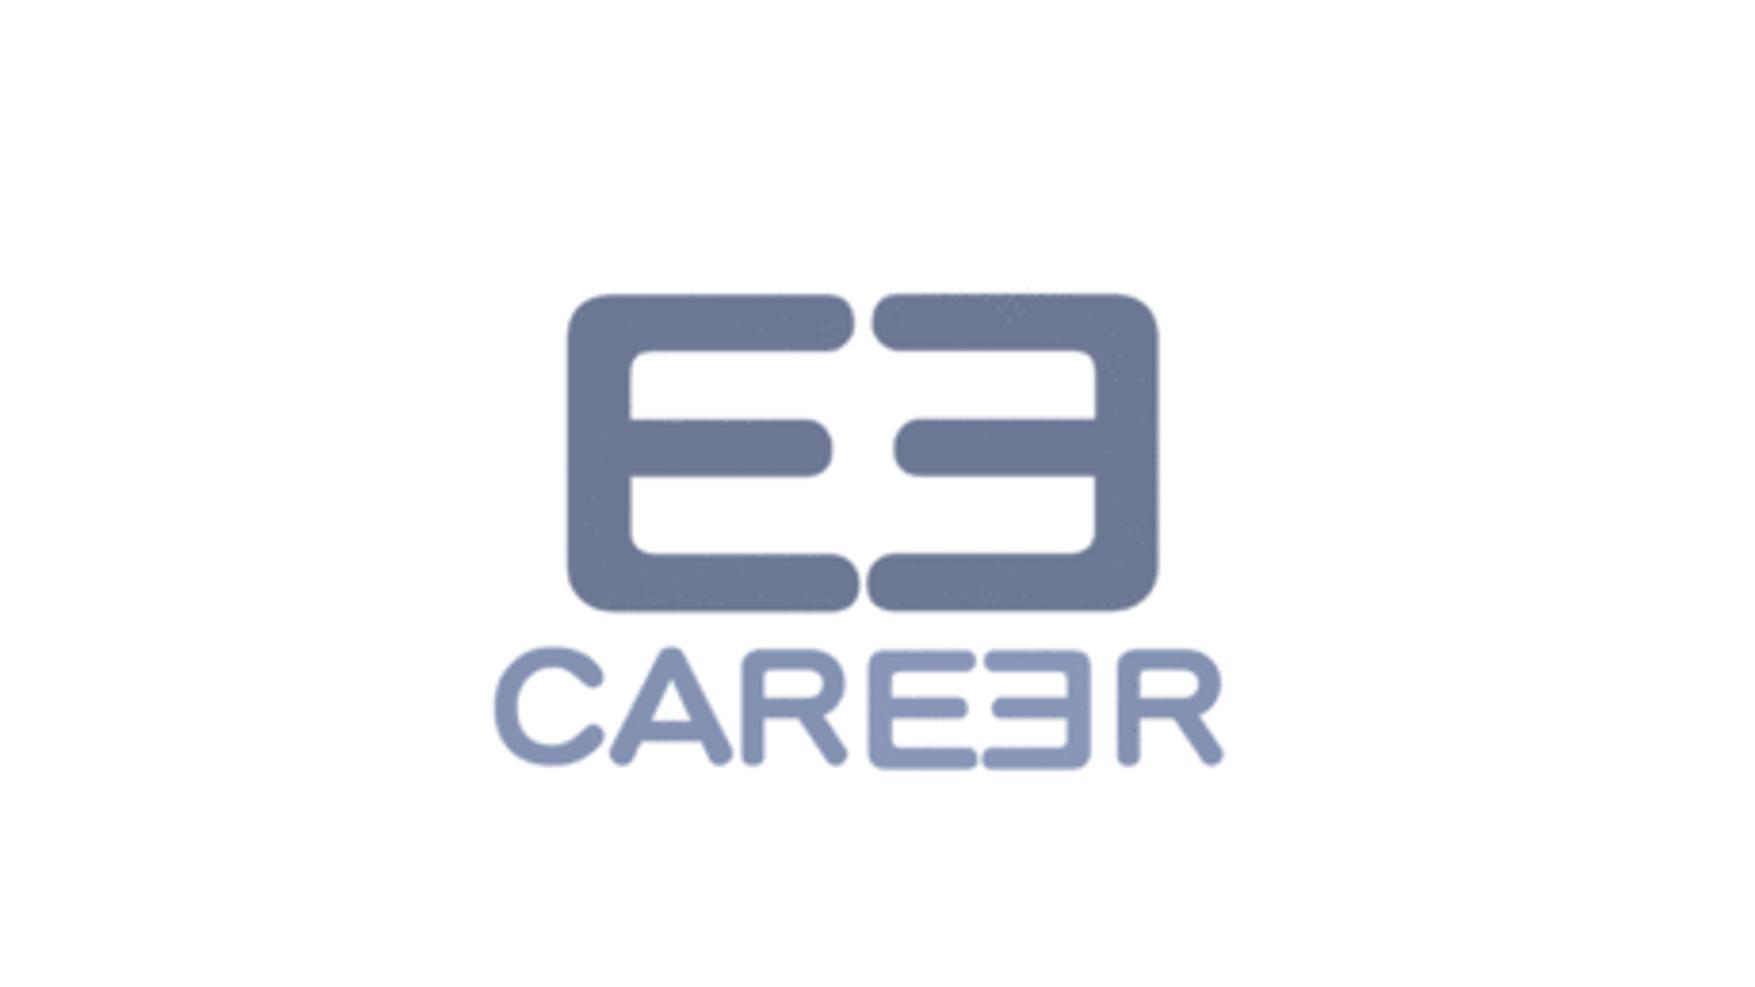 株式会社キャリアの決算/売上/経常利益を調べ、IR情報を徹底調査